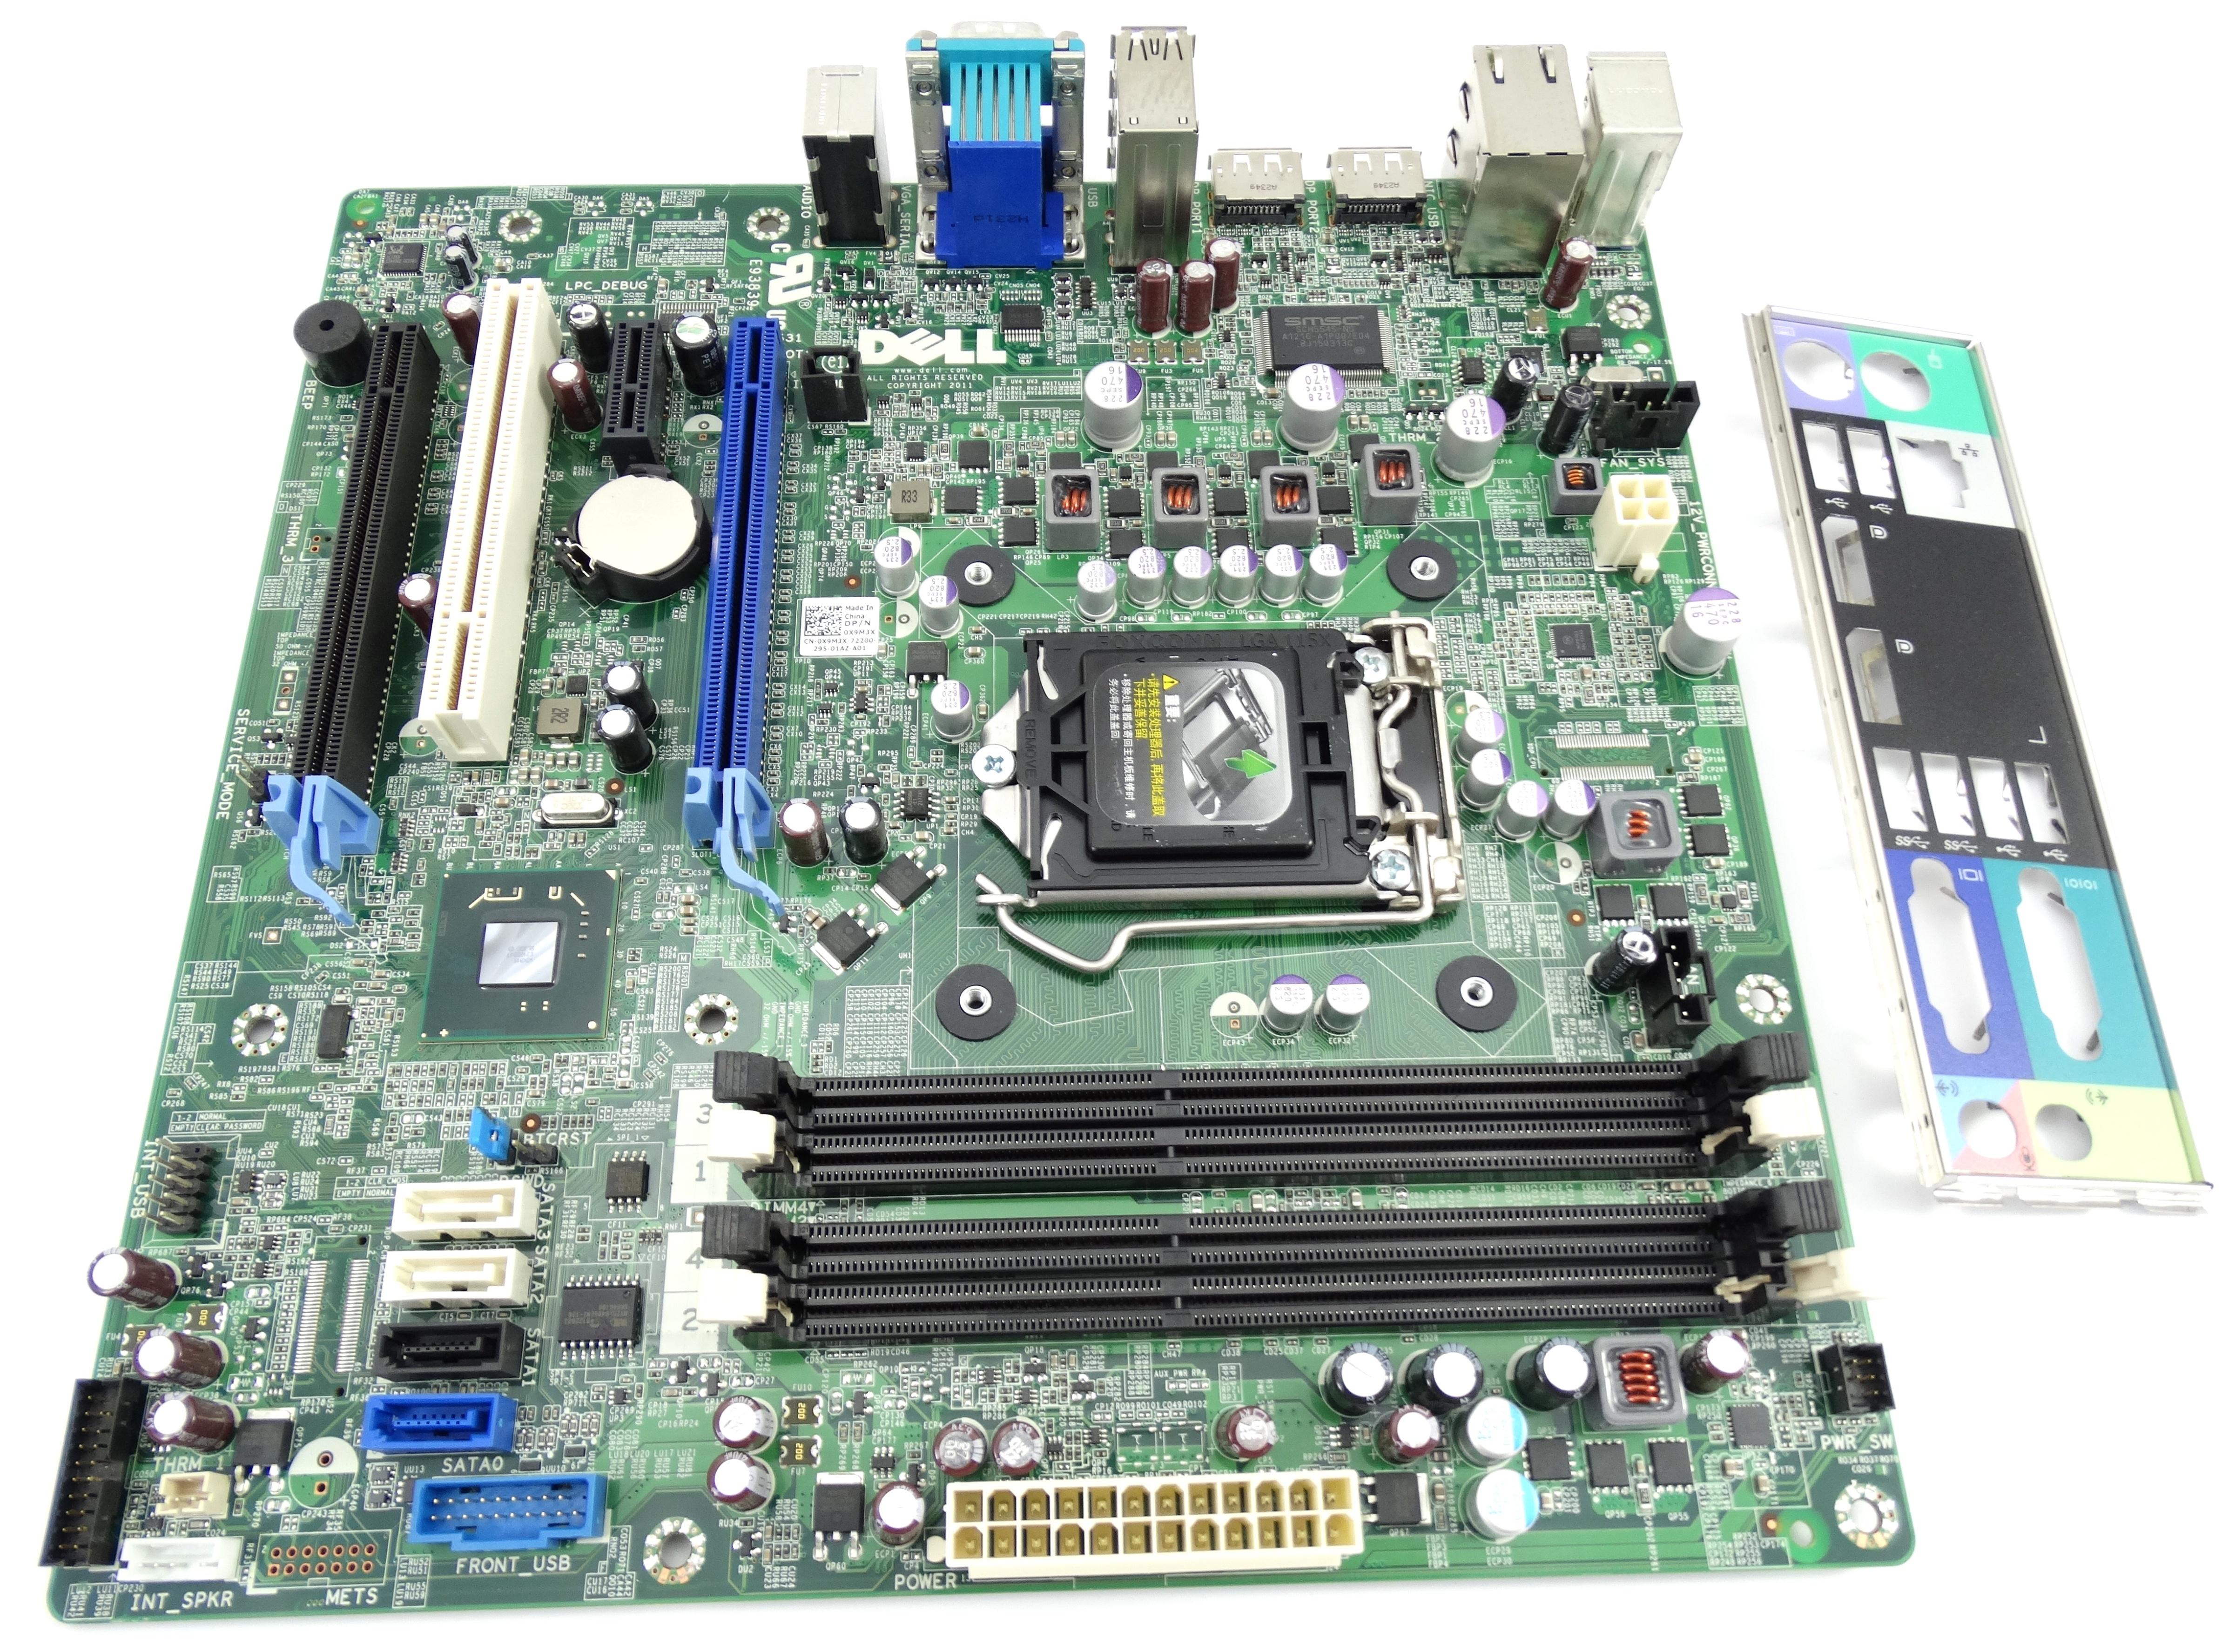 Dell Precision T1650 Microatx LGA1155 System Board w/Heatsink & I/O Plate (X9M3X)